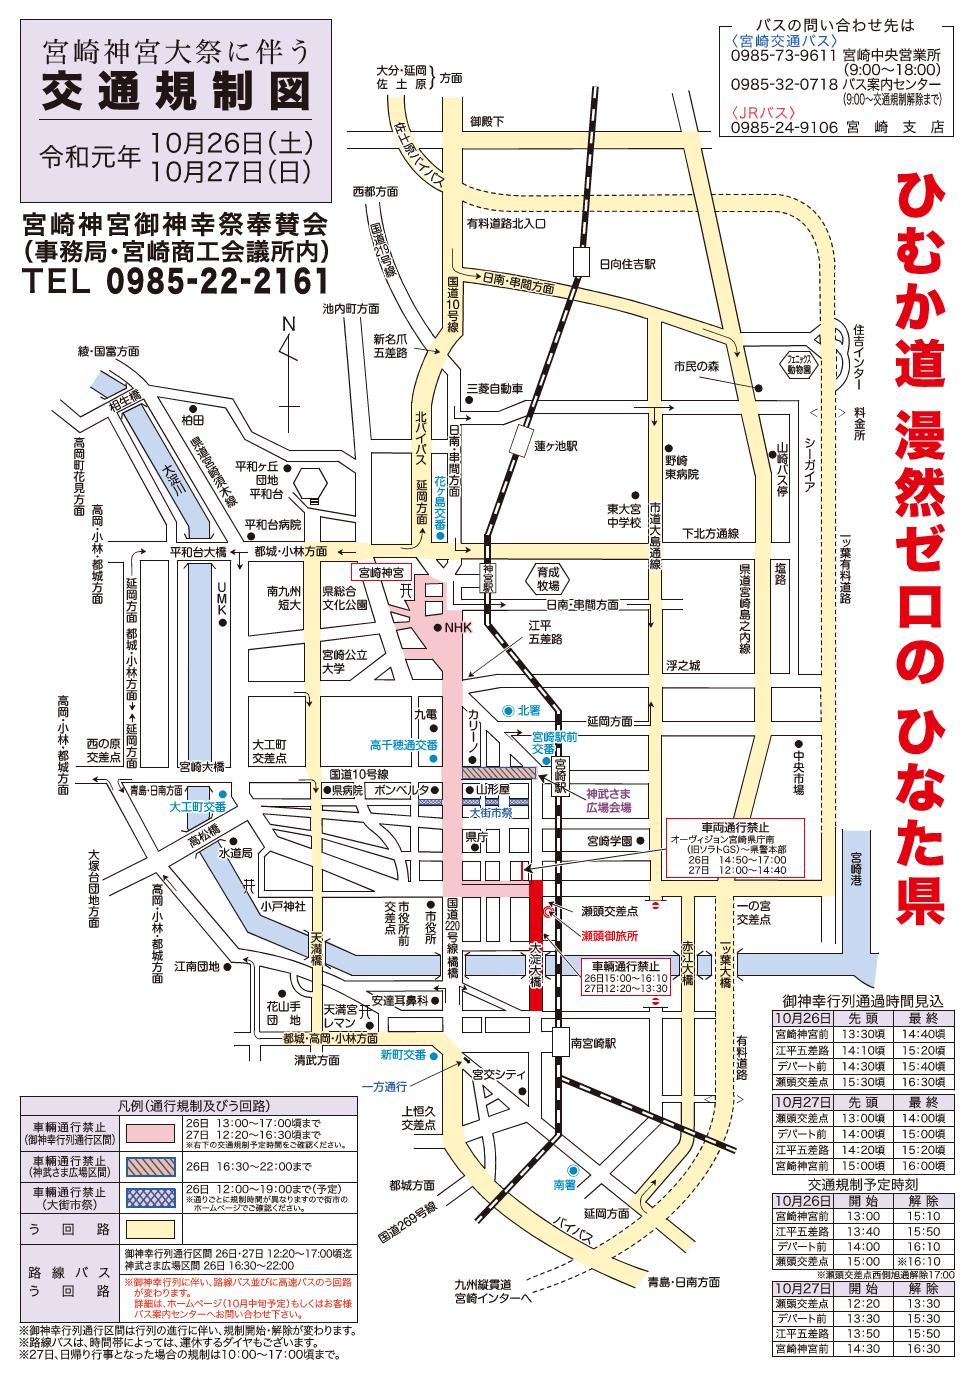 神武さま交通規制図2019.png